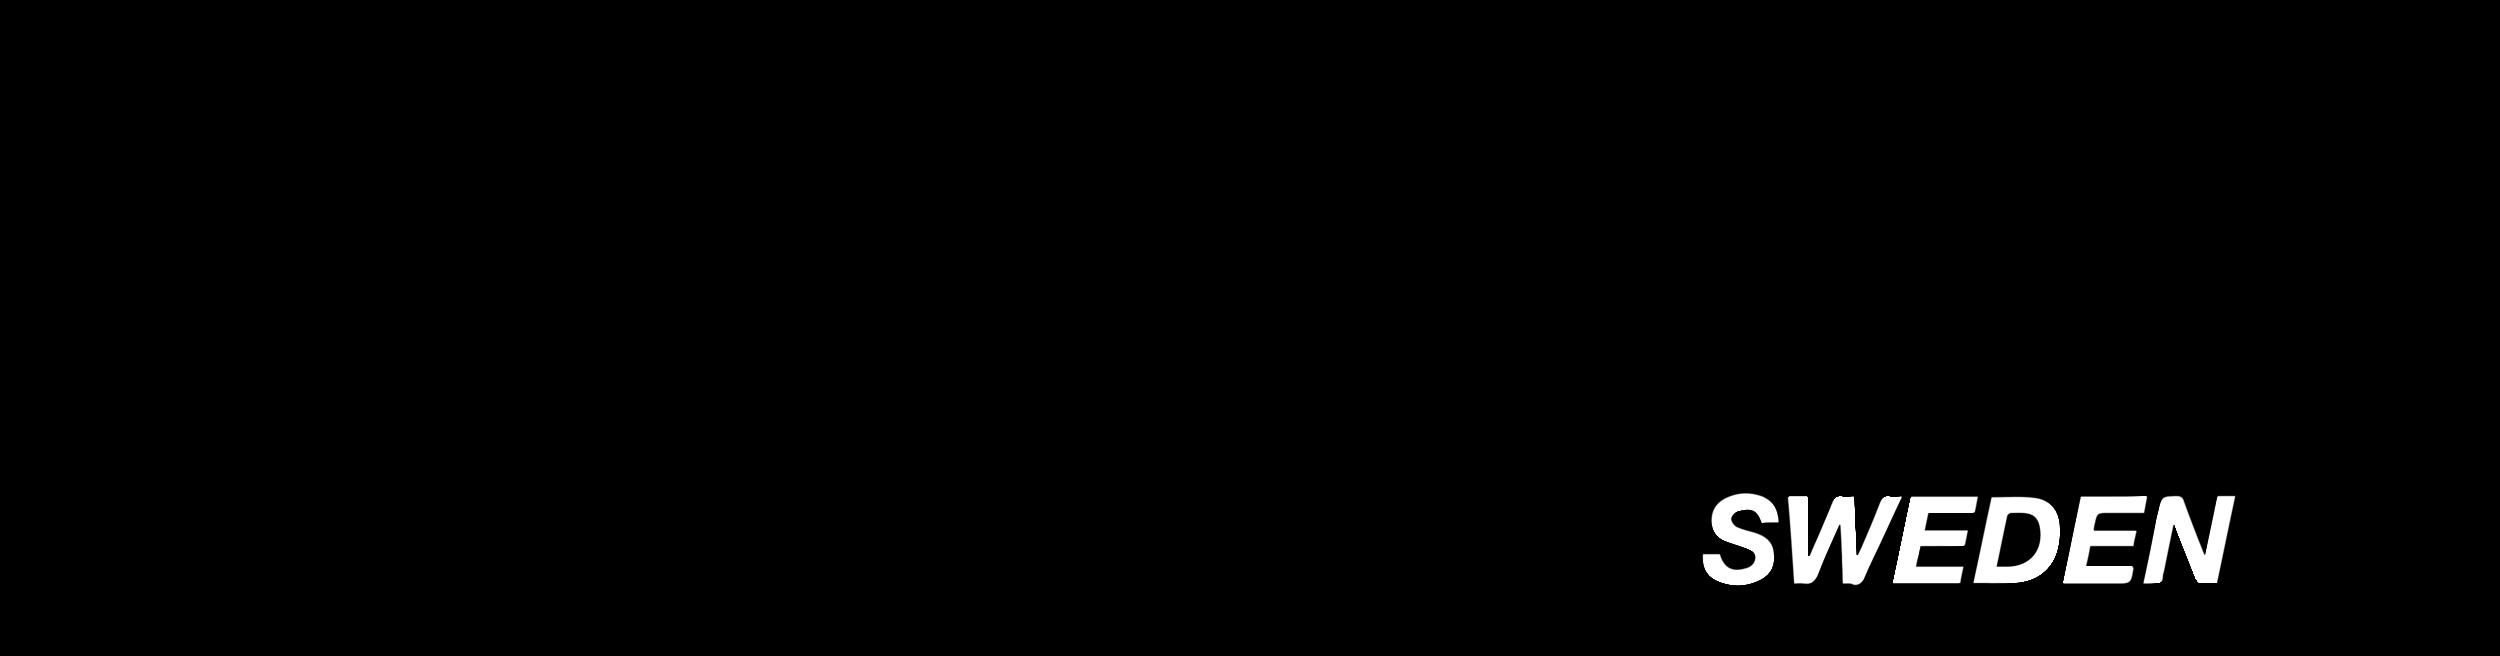 thule_logo_1.png